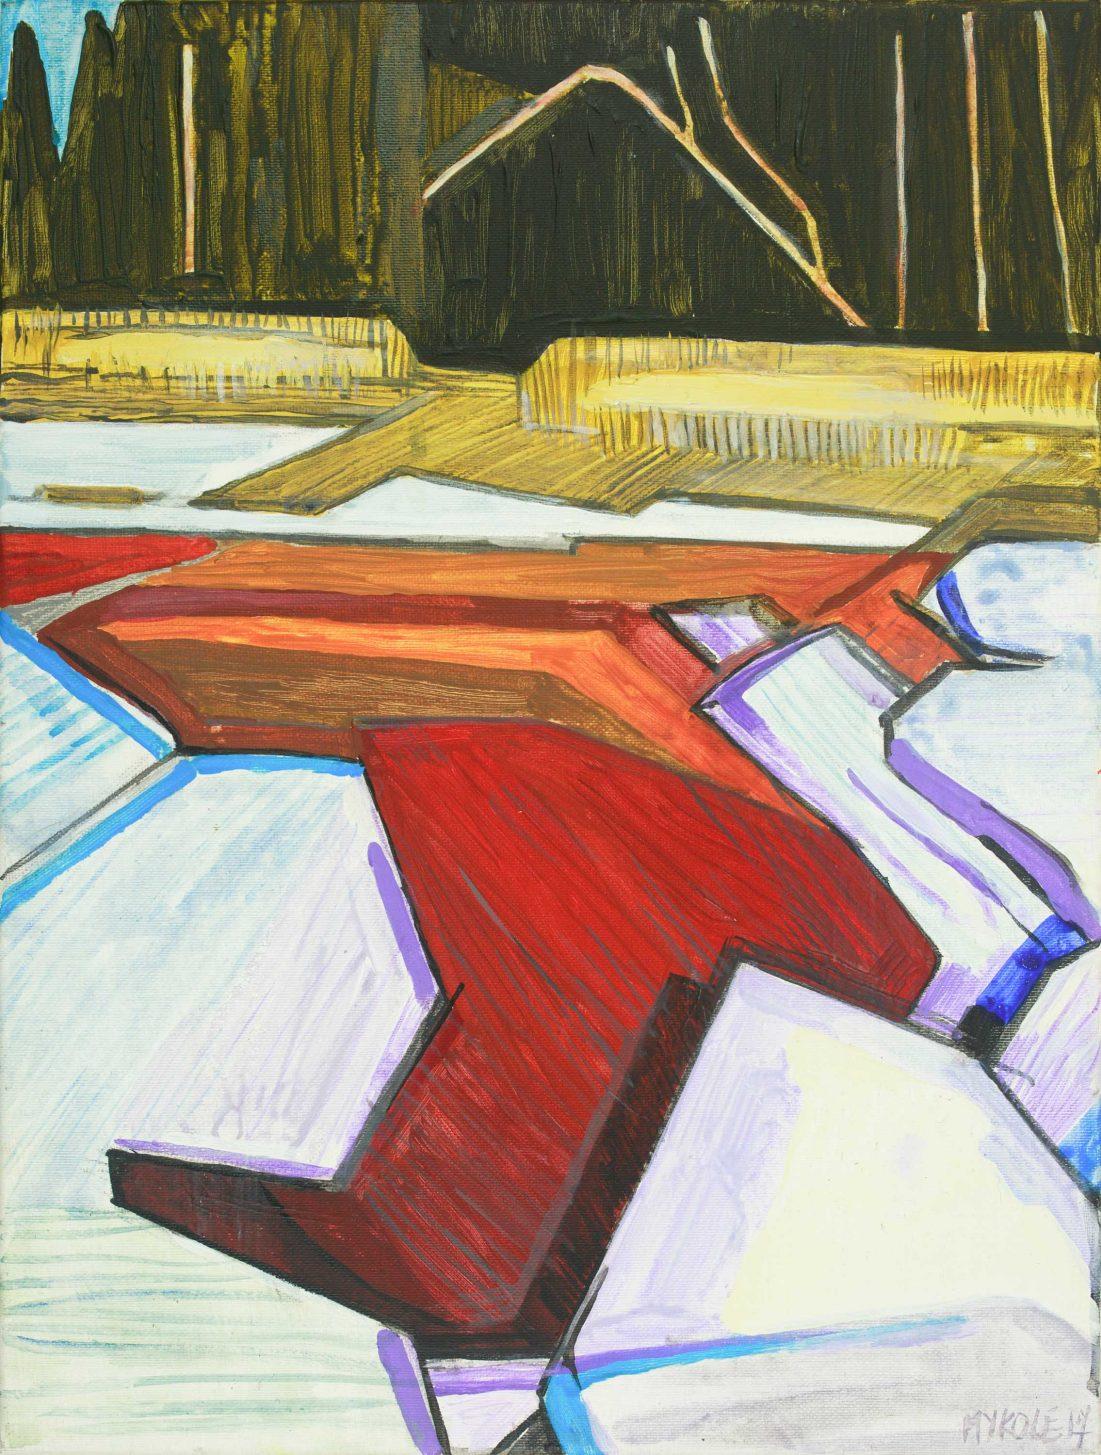 Saari 14-14. Acrylic, canvas. 40x30cm. 2017